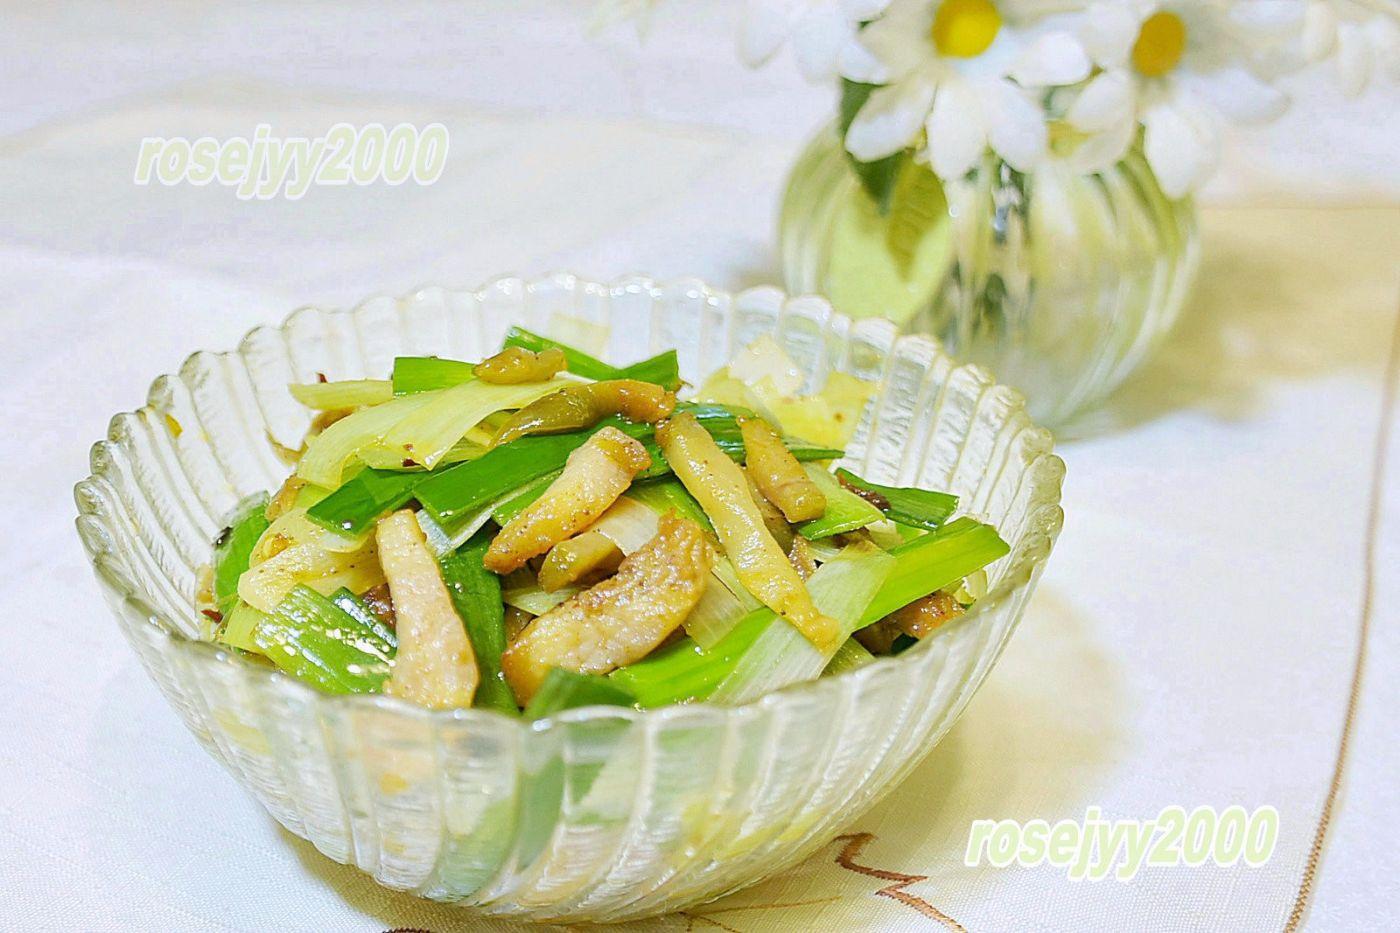 榨菜咸肉炒蒜叶_图1-1